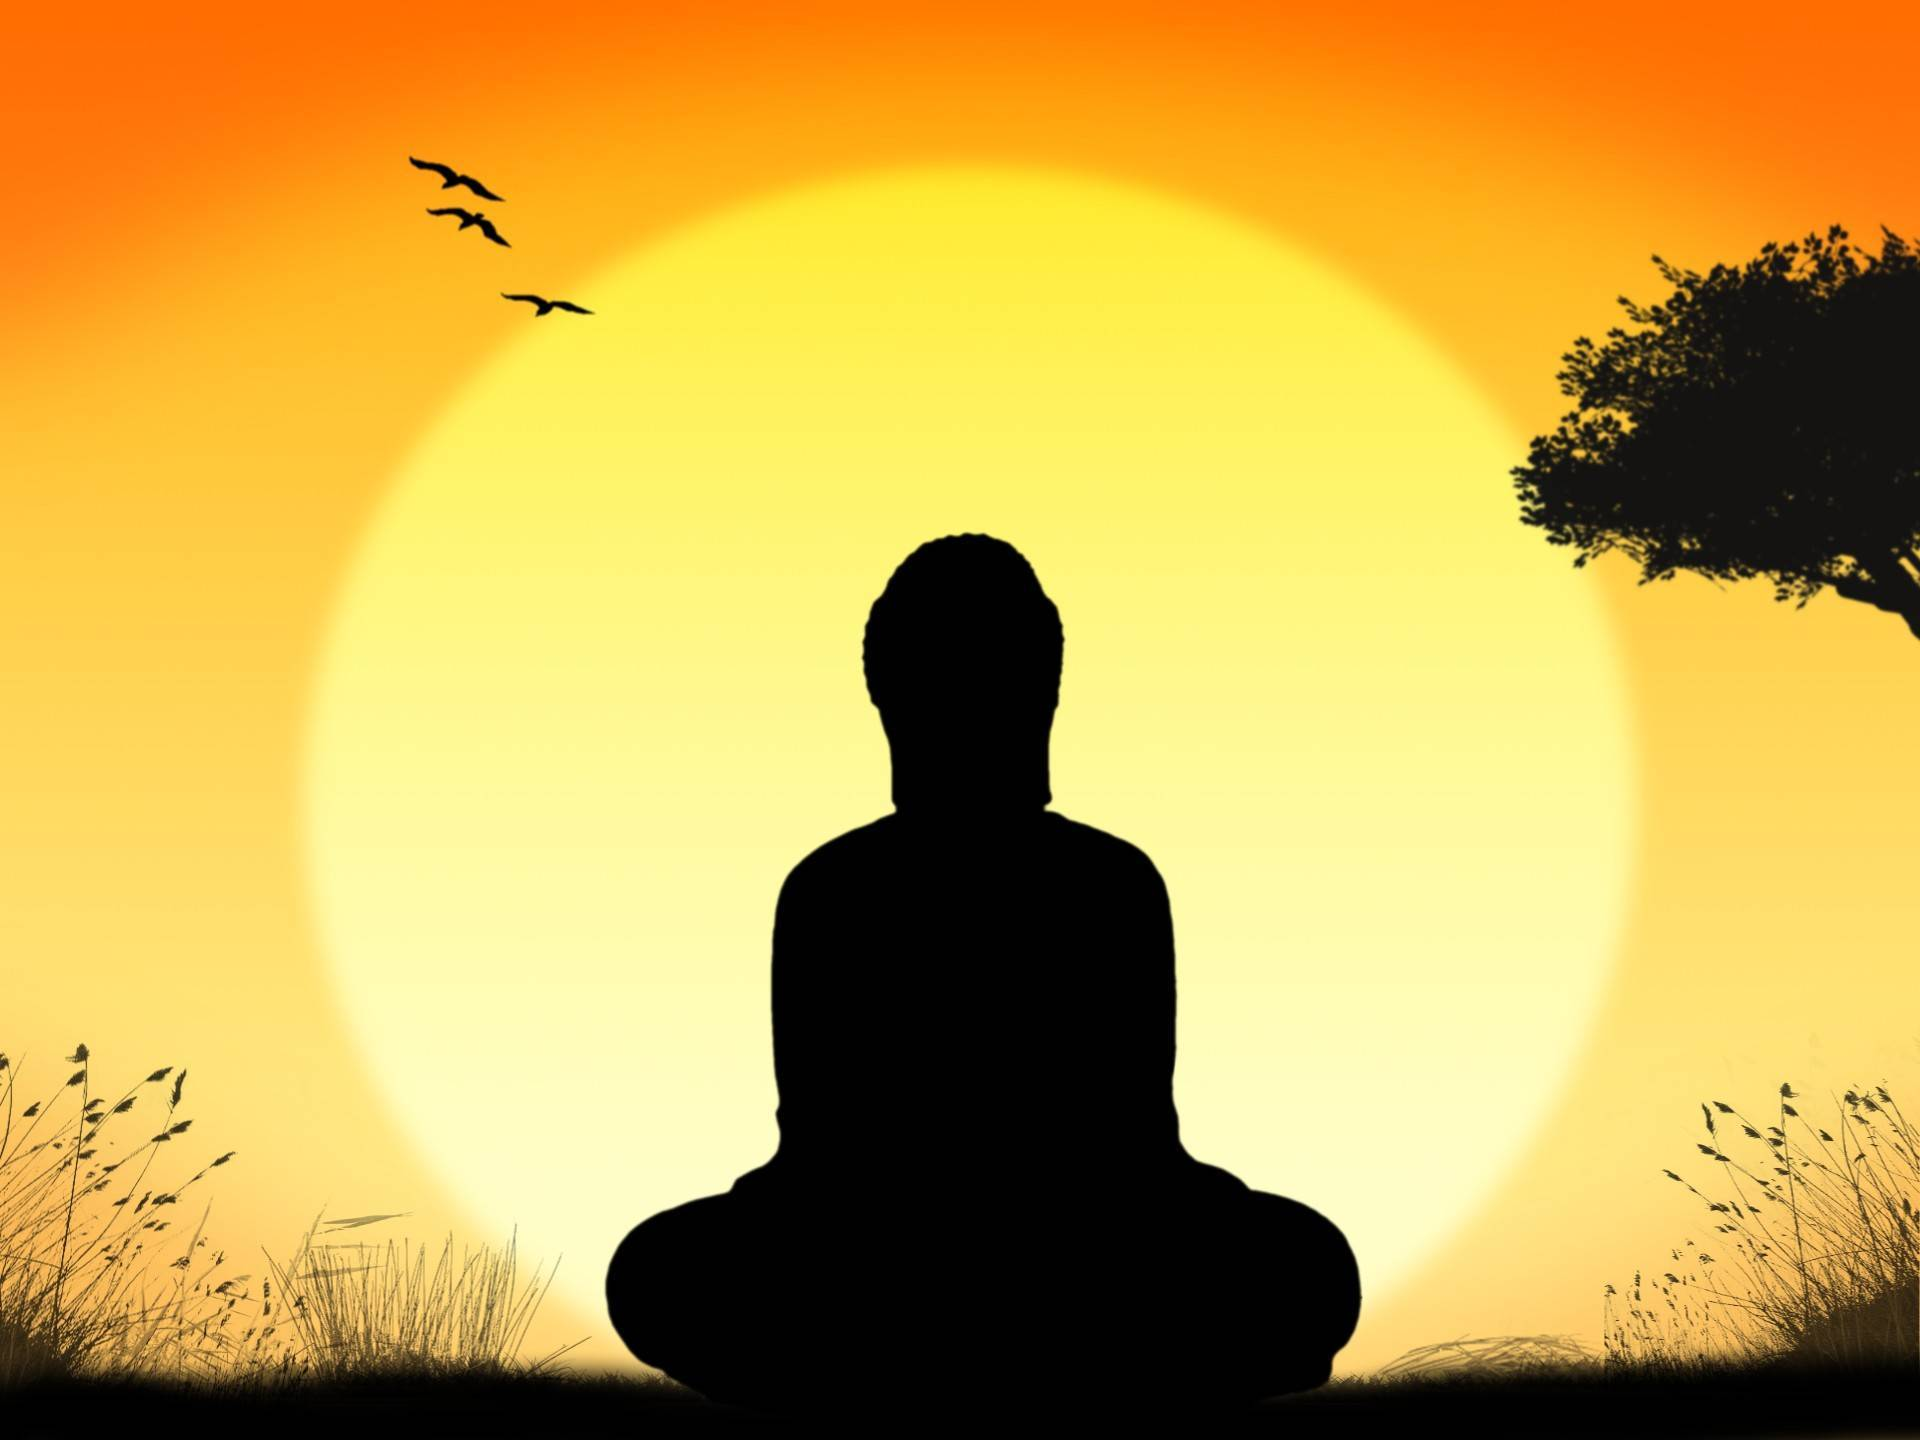 ba4457f296adc45dc602_meditation-1395091315fOg.jpg